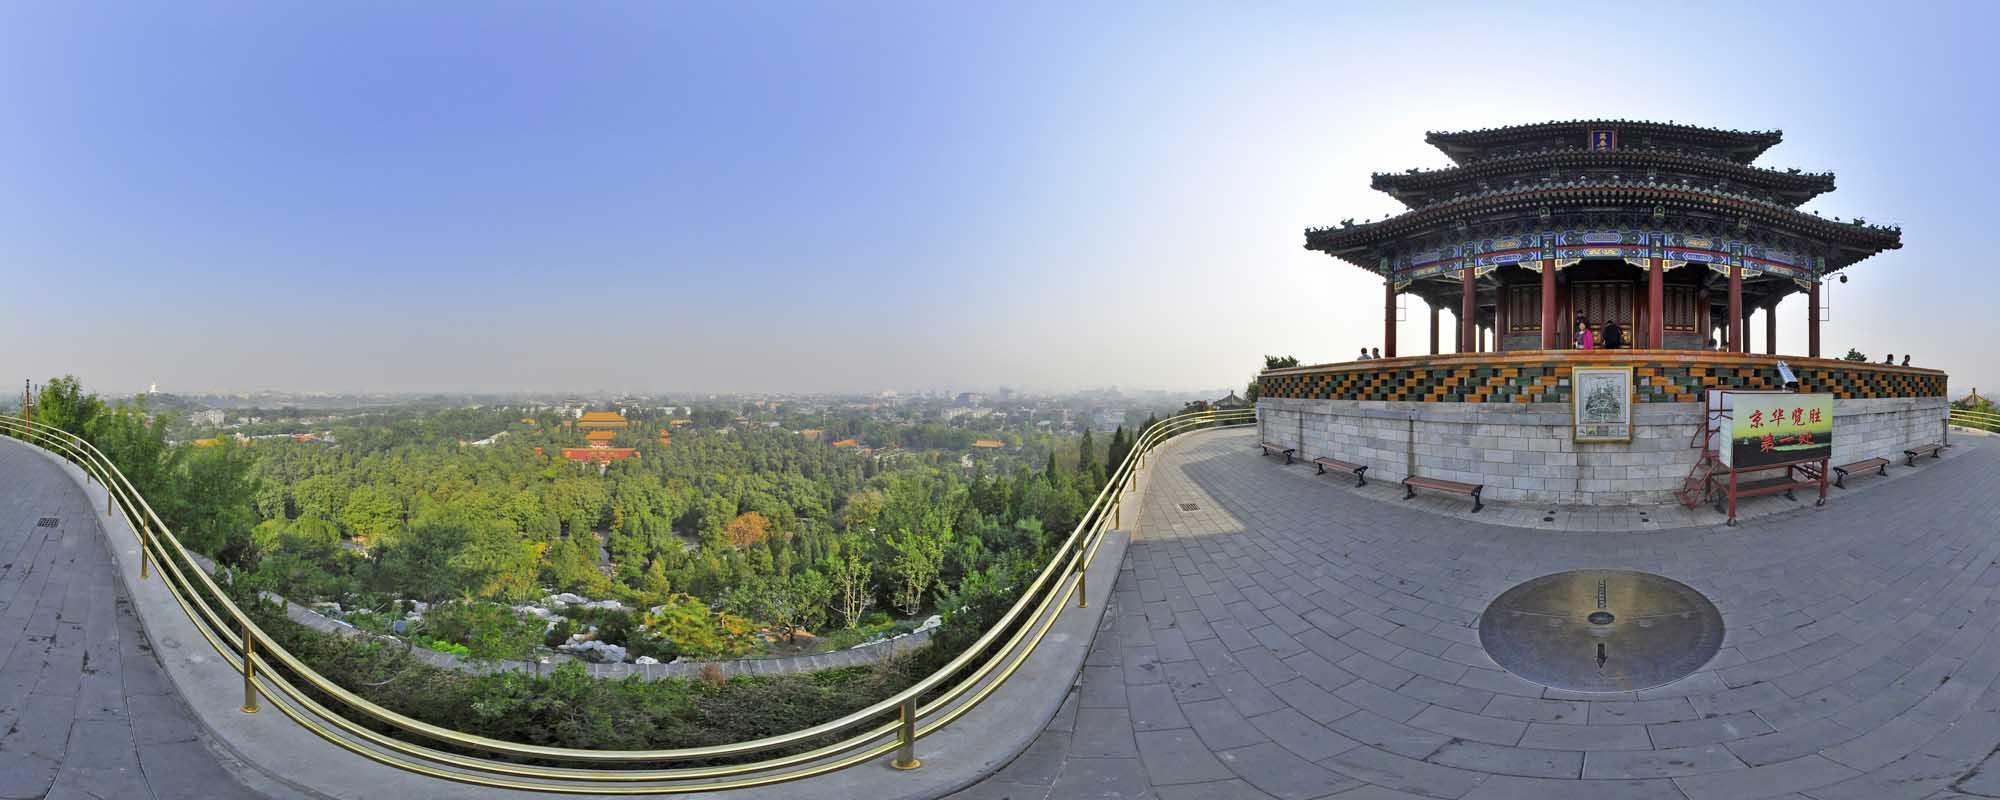 东城虚拟旅游